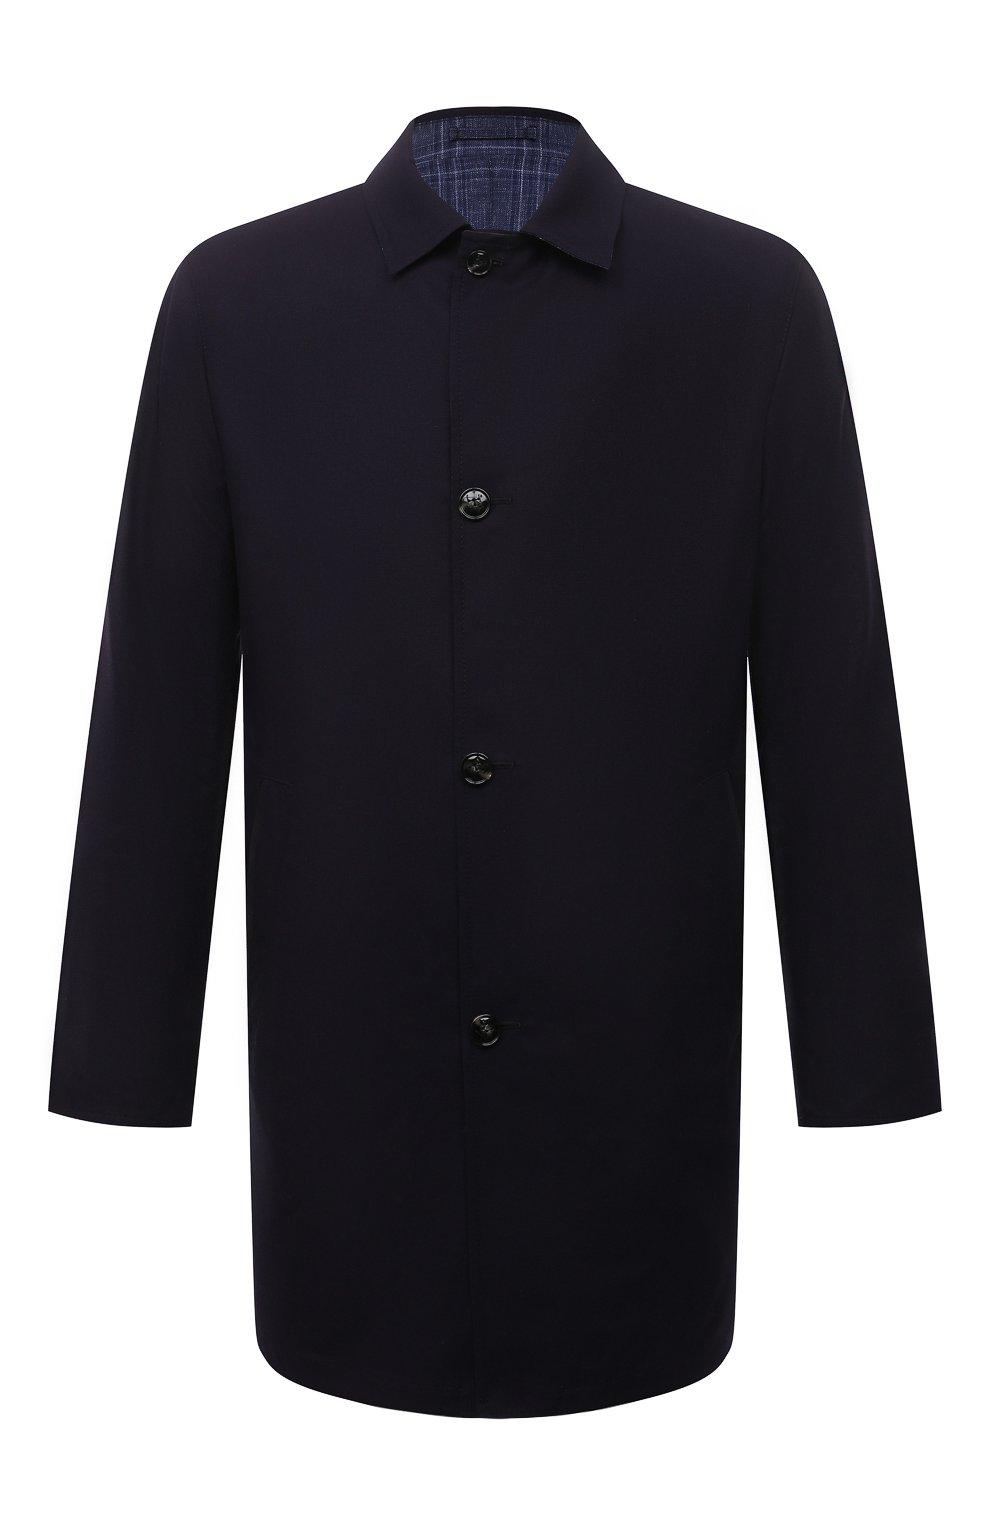 Мужской двусторонний плащ KITON темно-синего цвета, арт. UW0852CV07T80 | Фото 1 (Мужское Кросс-КТ: Плащ-верхняя одежда; Материал внешний: Шерсть, Шелк, Кашемир; Материал утеплителя: Шерсть; Рукава: Длинные; Длина (верхняя одежда): До середины бедра; Стили: Классический)